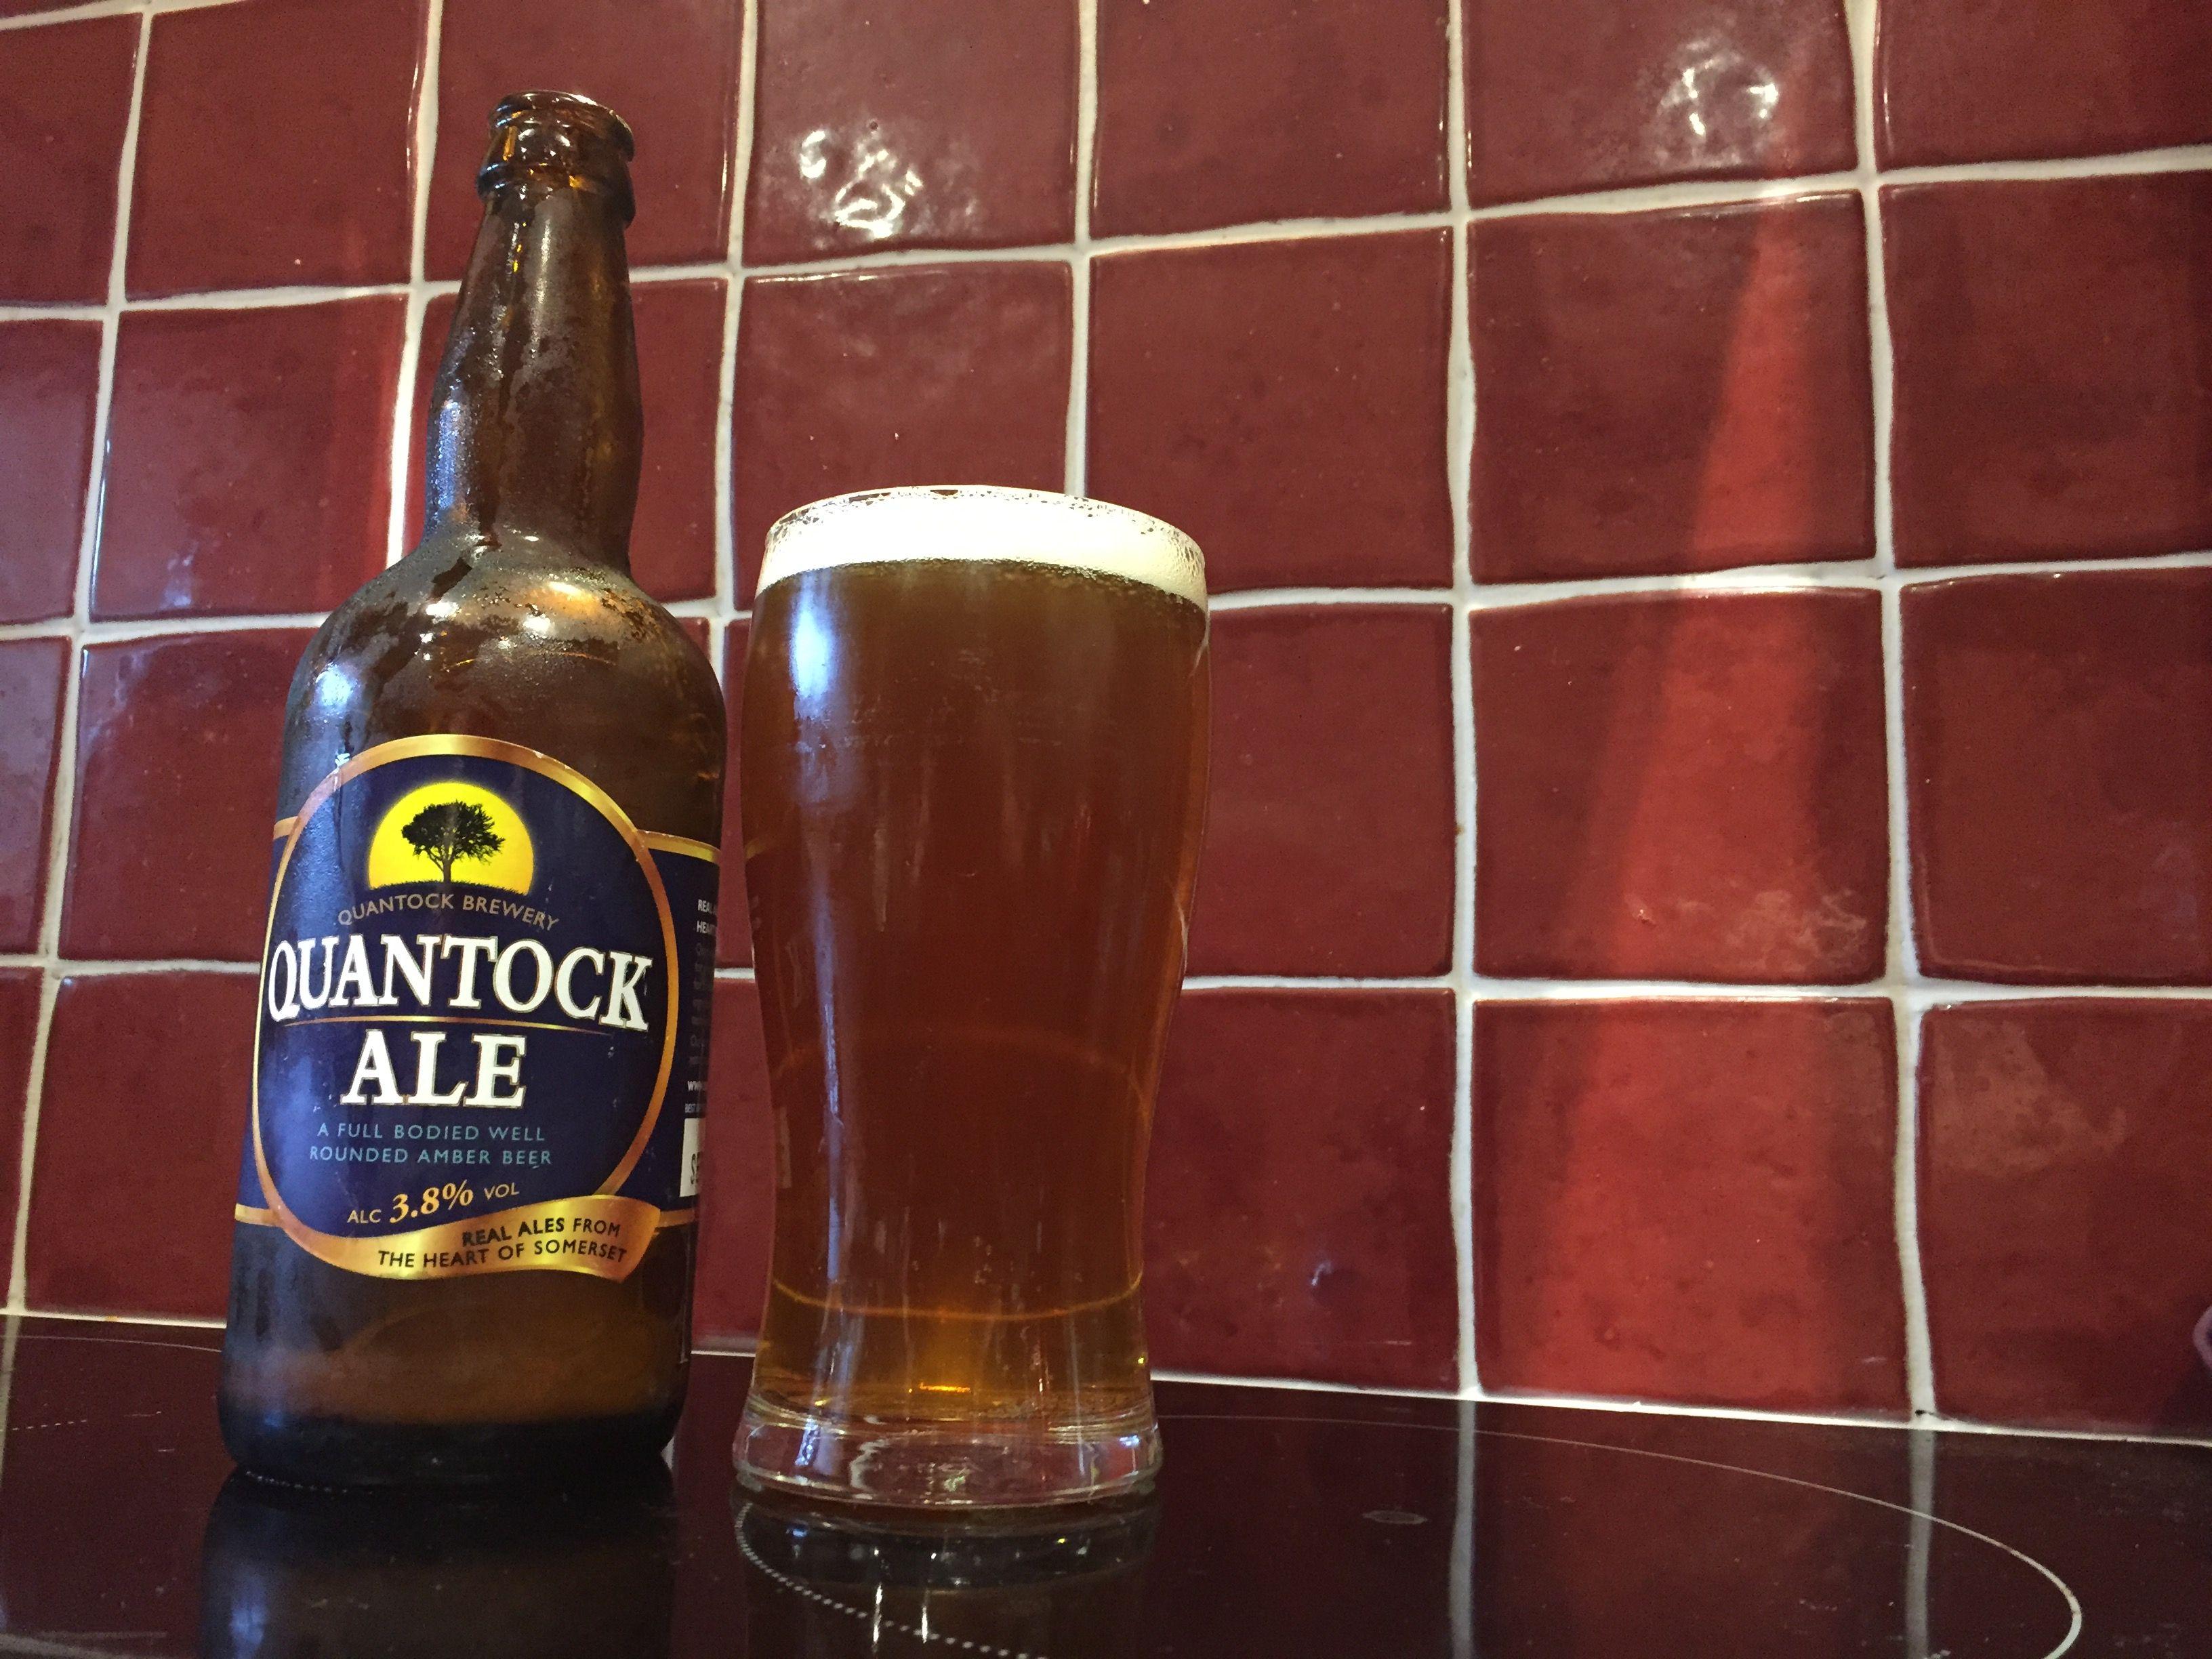 Quantock Brewery Ale Cerveza